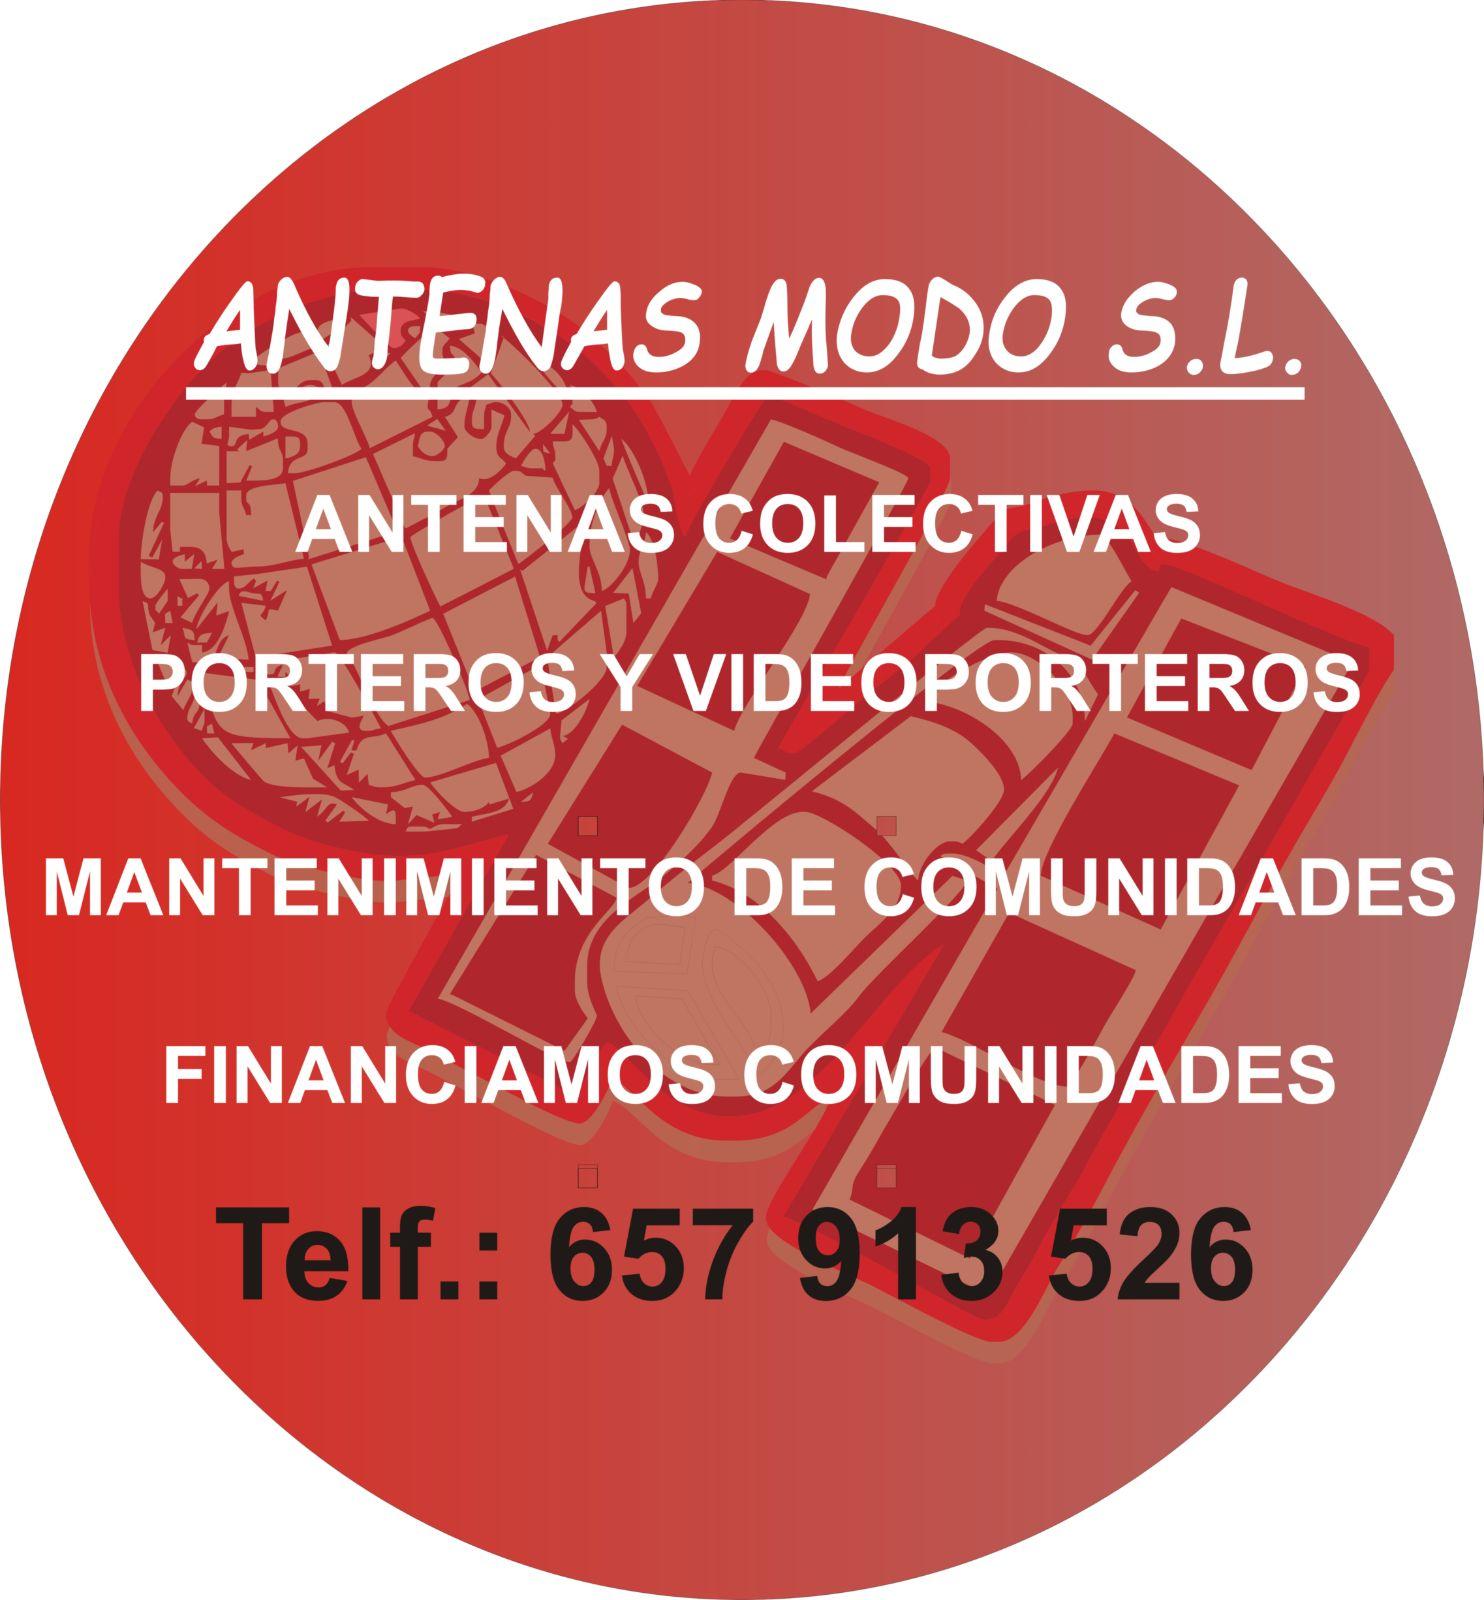 Instalaciones Antenas Modo